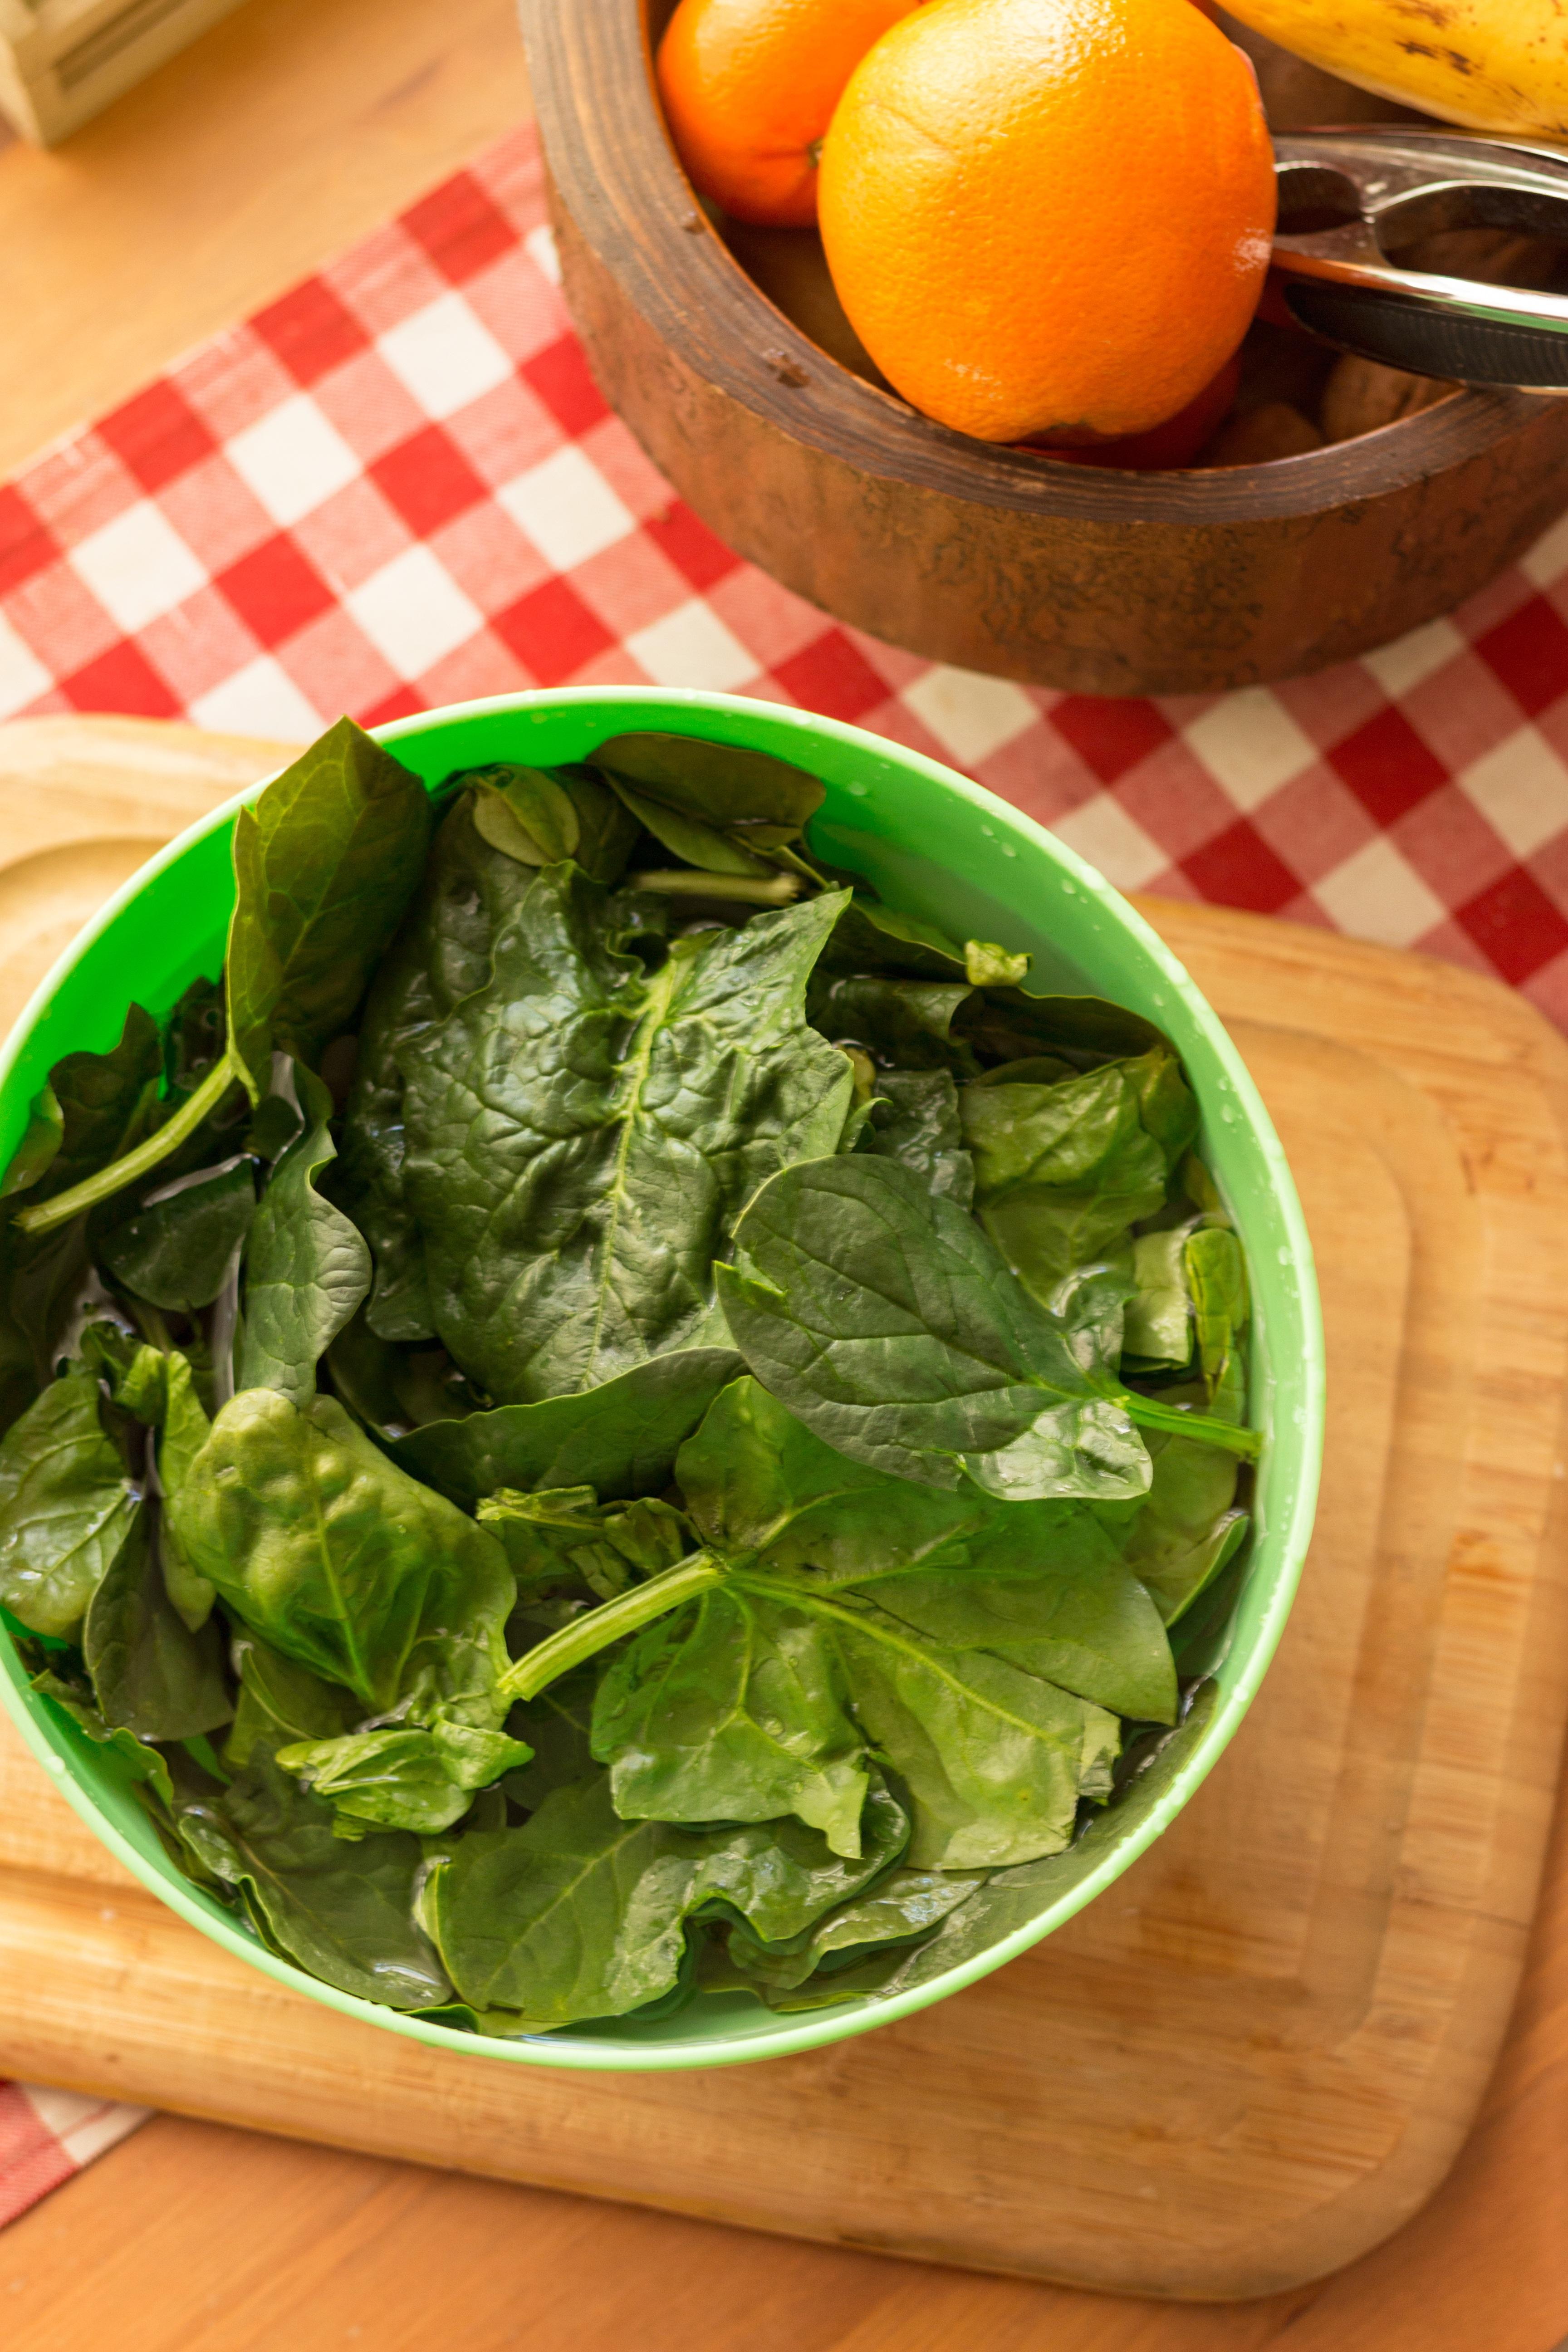 무료 이미지 : 표, 나무, 목재, 과일, 주황색, 요리, 식품, 샐러드 ...